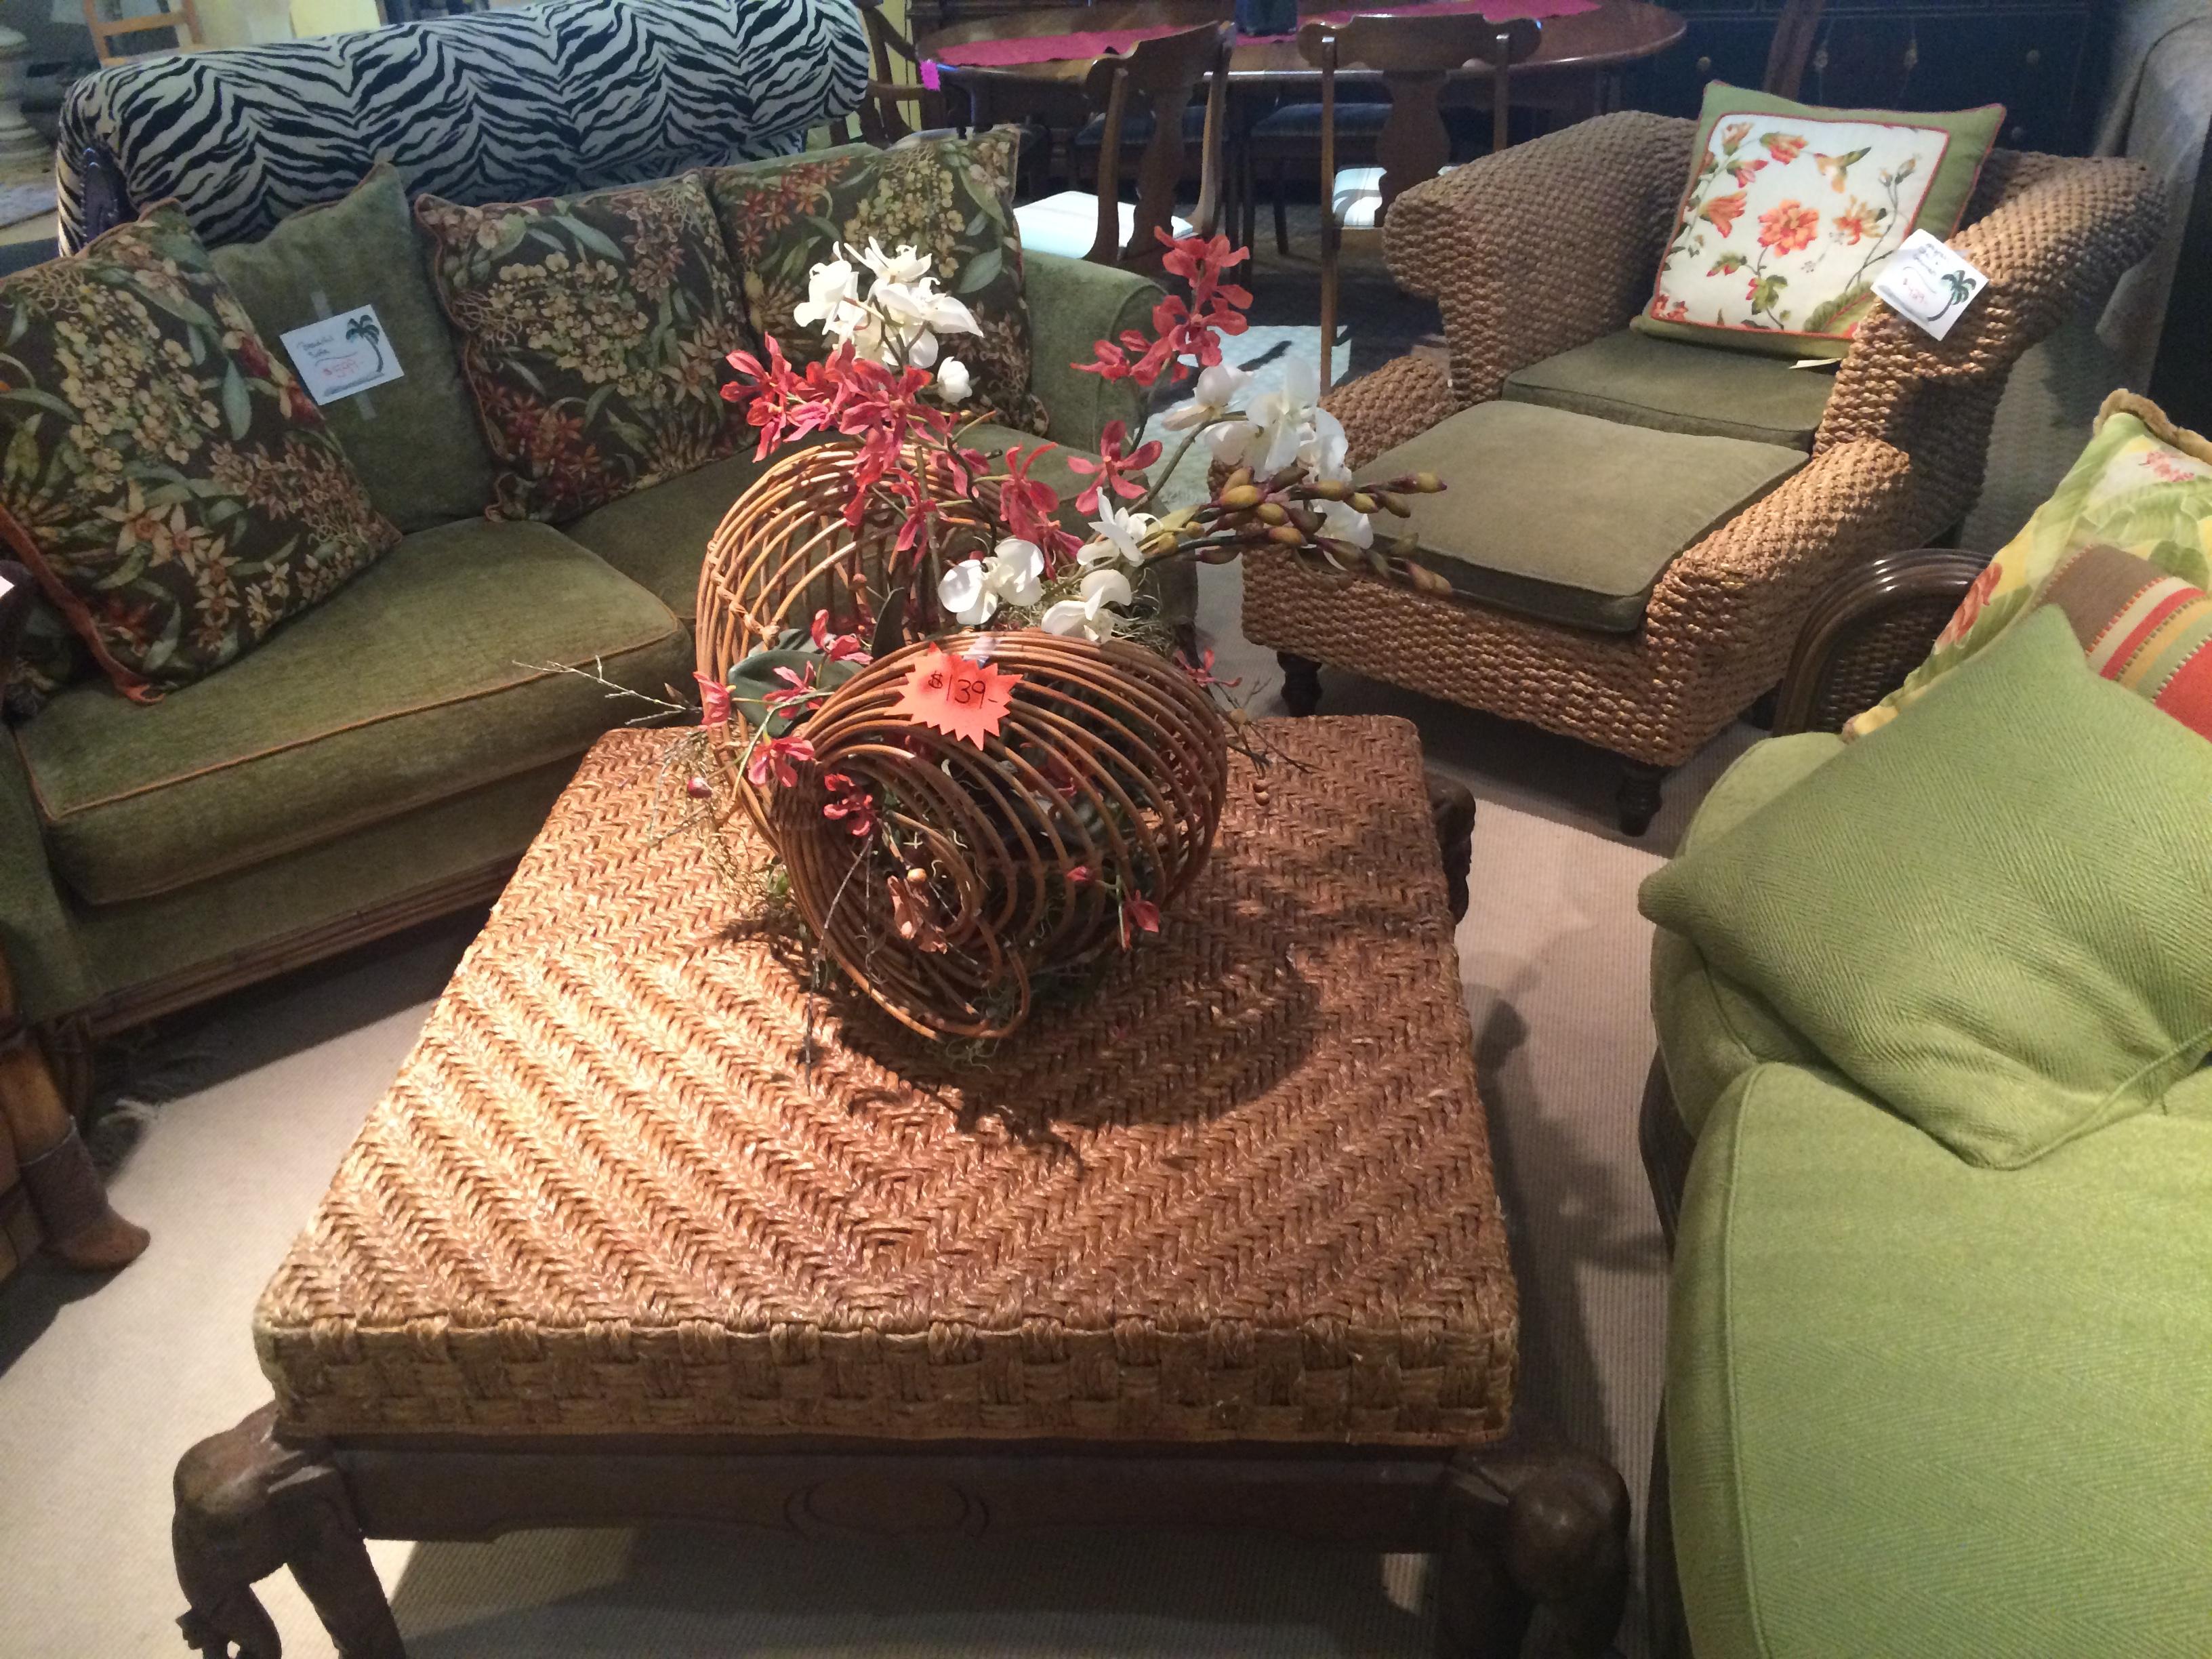 Choice Furniture U0026 Auction Gallery 2020 NW Federal Hwy, Stuart, FL 34994    YP.com